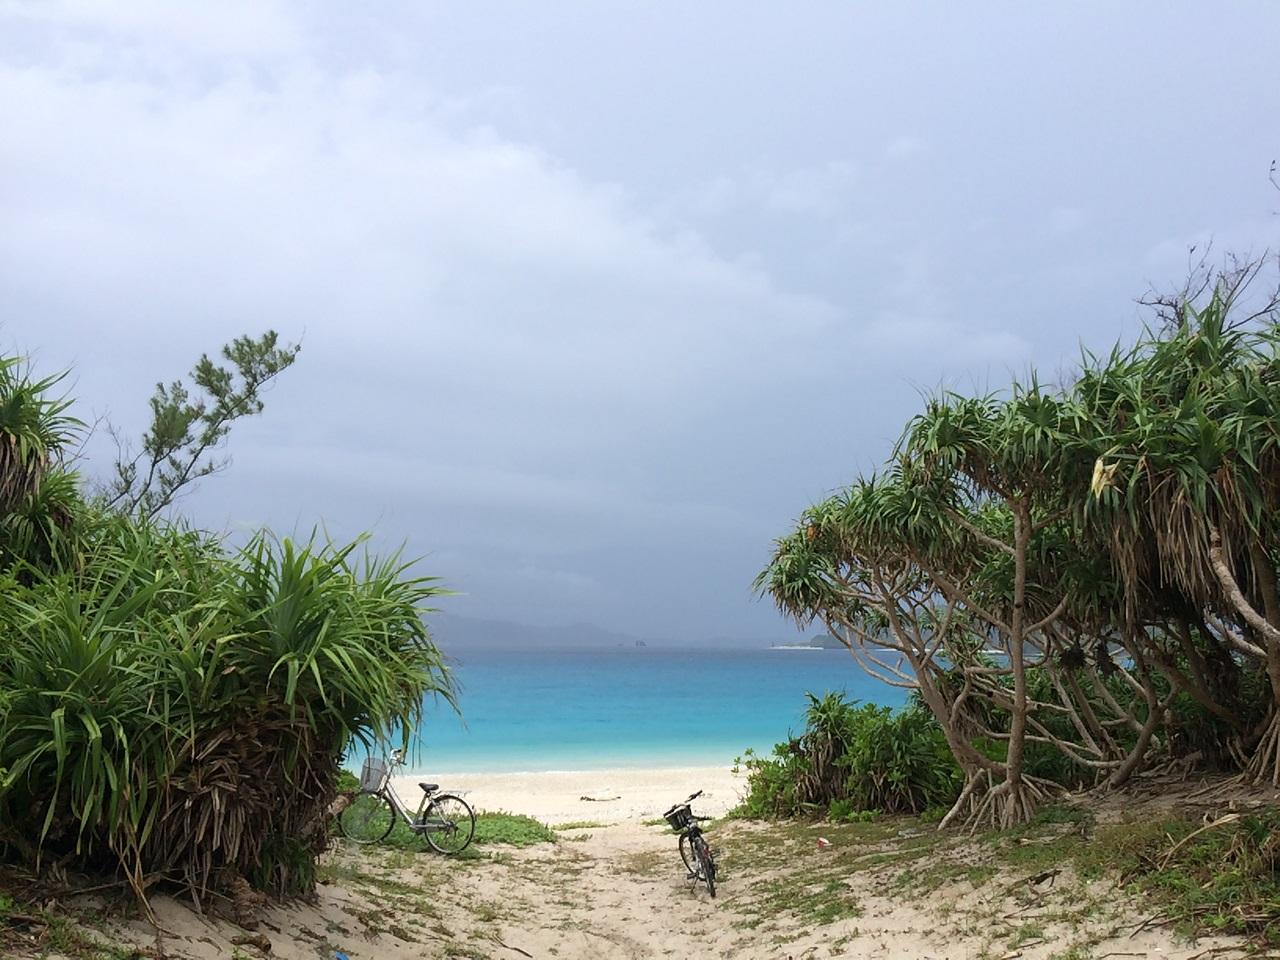 座間味島に行ったらまずはココ!古座間味ビーチ(座間味島)